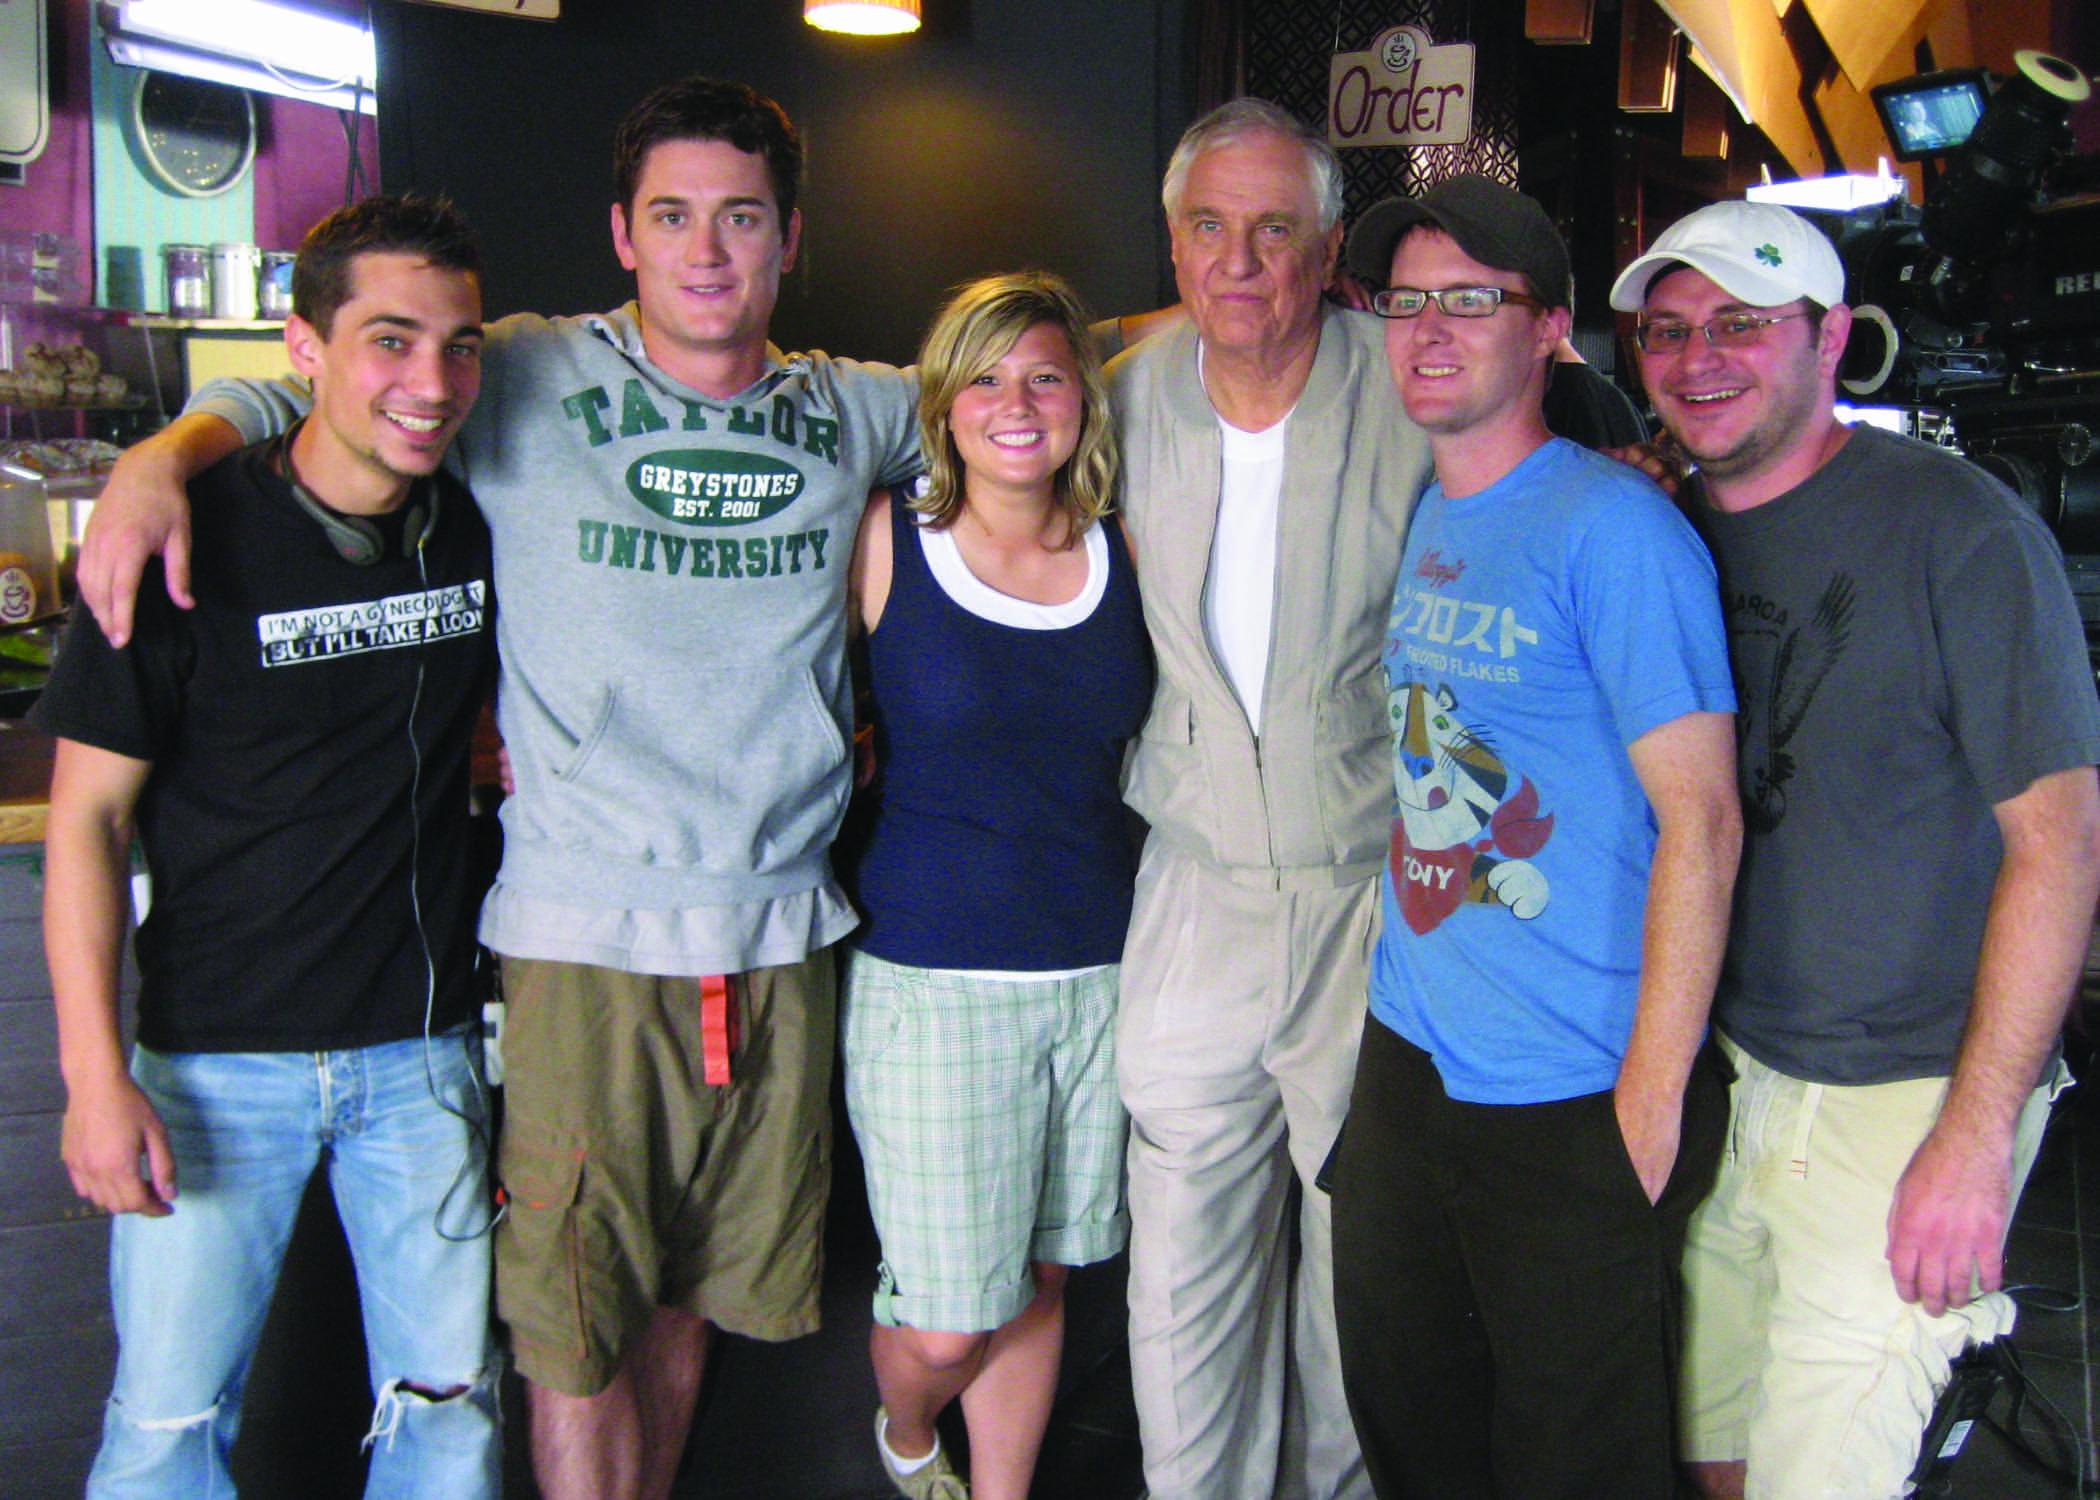 The_Crew_with_GarryMarshall_AngeloRestaino_GregWilson_EmilyMoss_GarryMarshall_RyanCheevers_JoshAufrance.jpeg